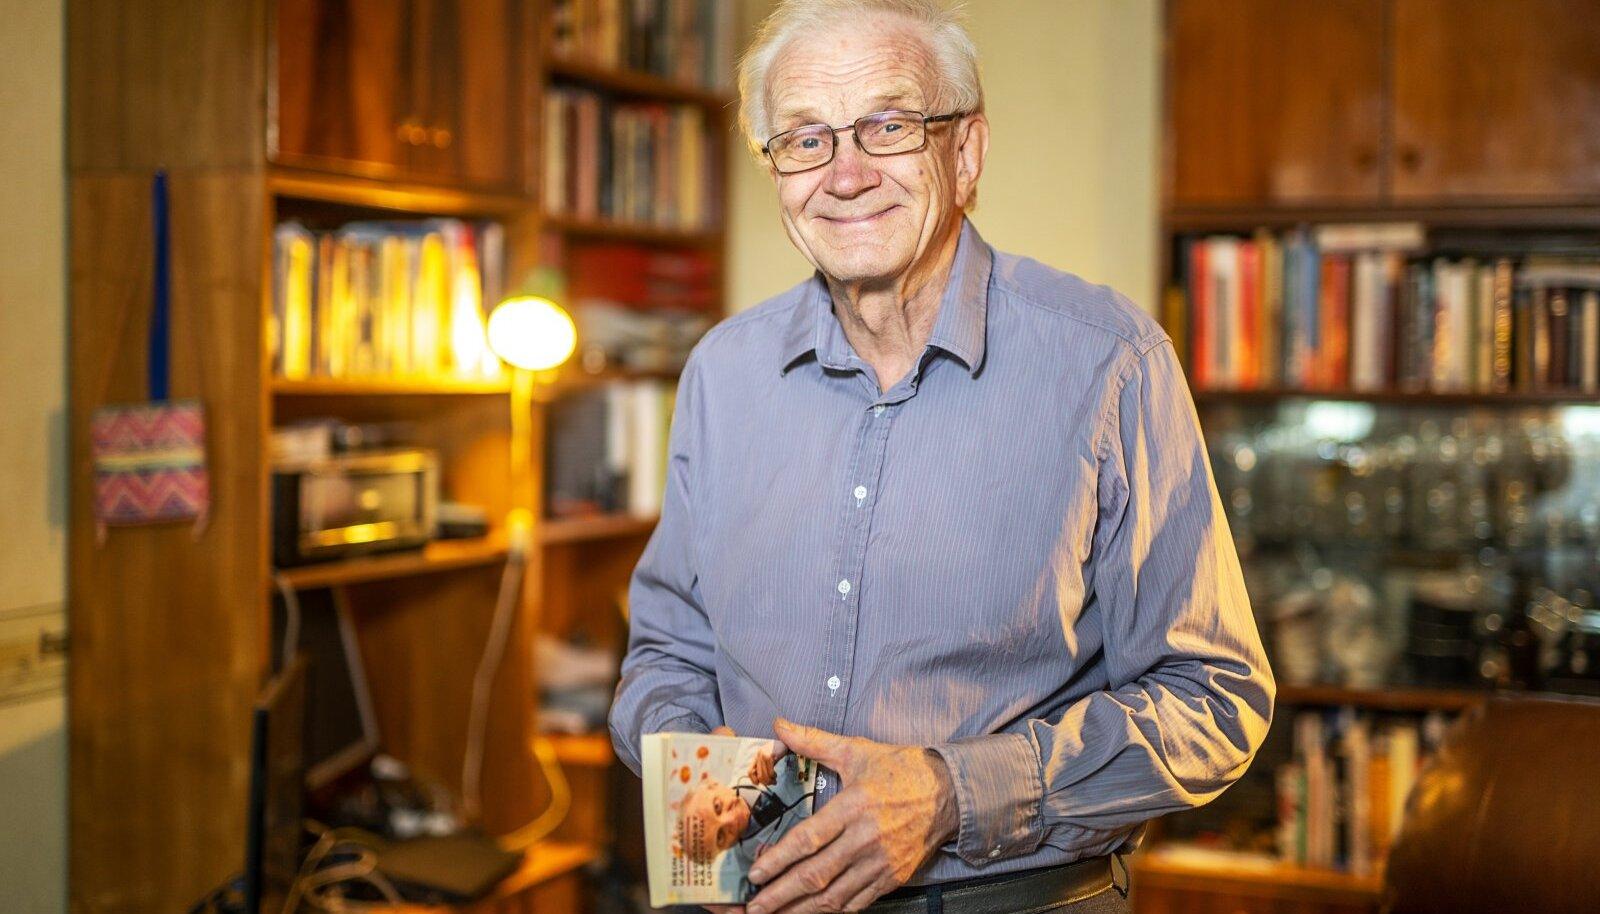 OMAS ELEMENDIS. Kirjandus on üks dr Vahisalu meelis-teemasid. Ta on avaldanud nii luuletusi kui ka novelle, spordi- ja reisiraamatuid.